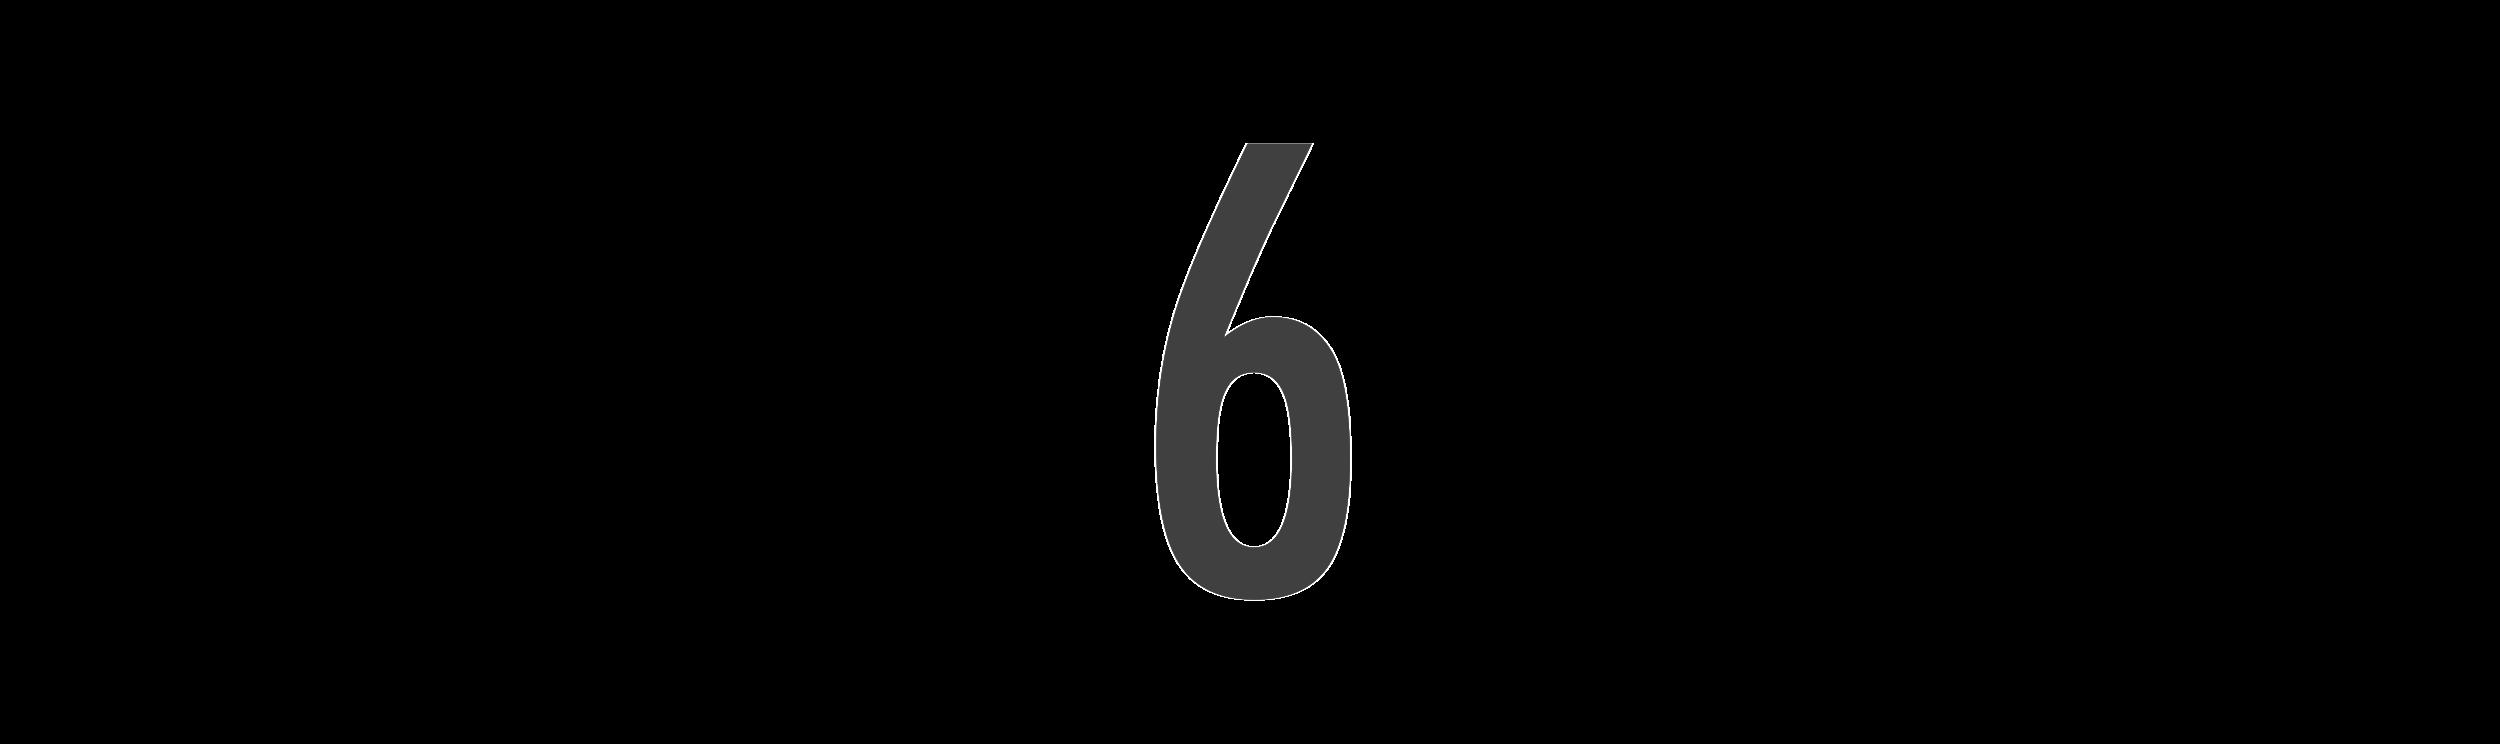 6 Circle.png